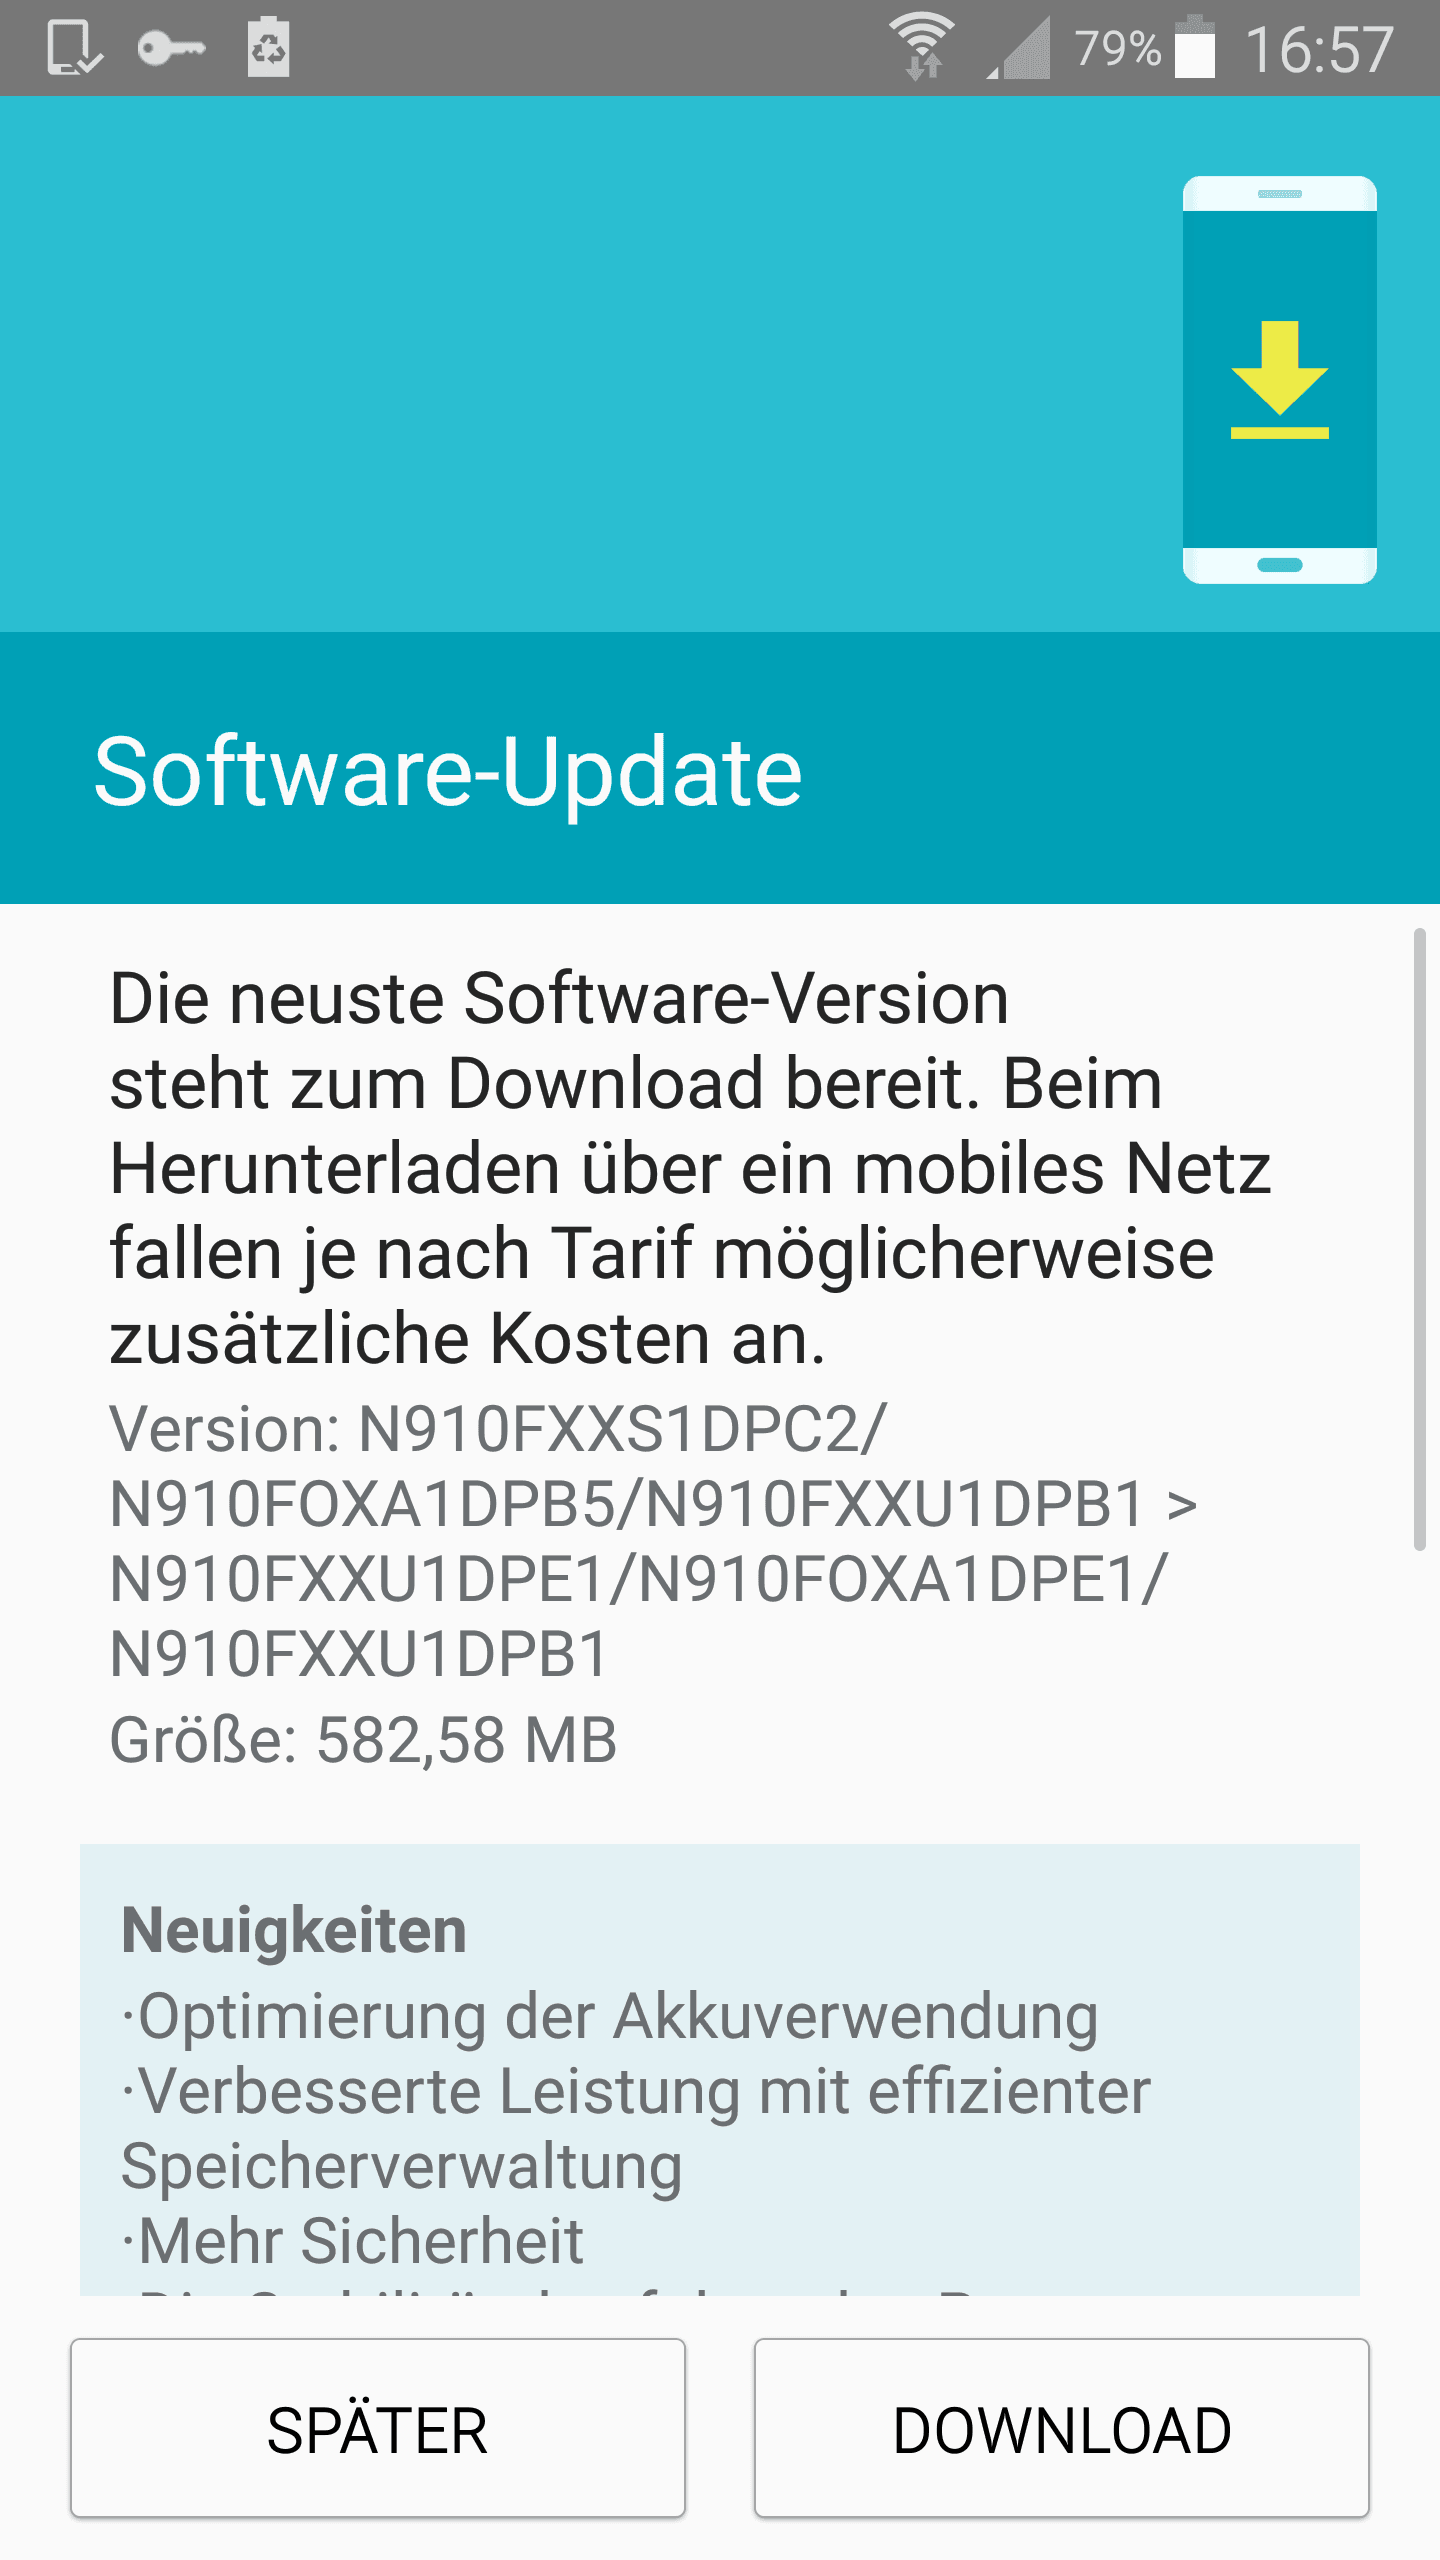 Samsung Galaxy Note 4 Android 6.0.1 Marshmallow Update in Deutschland & Österreich 6